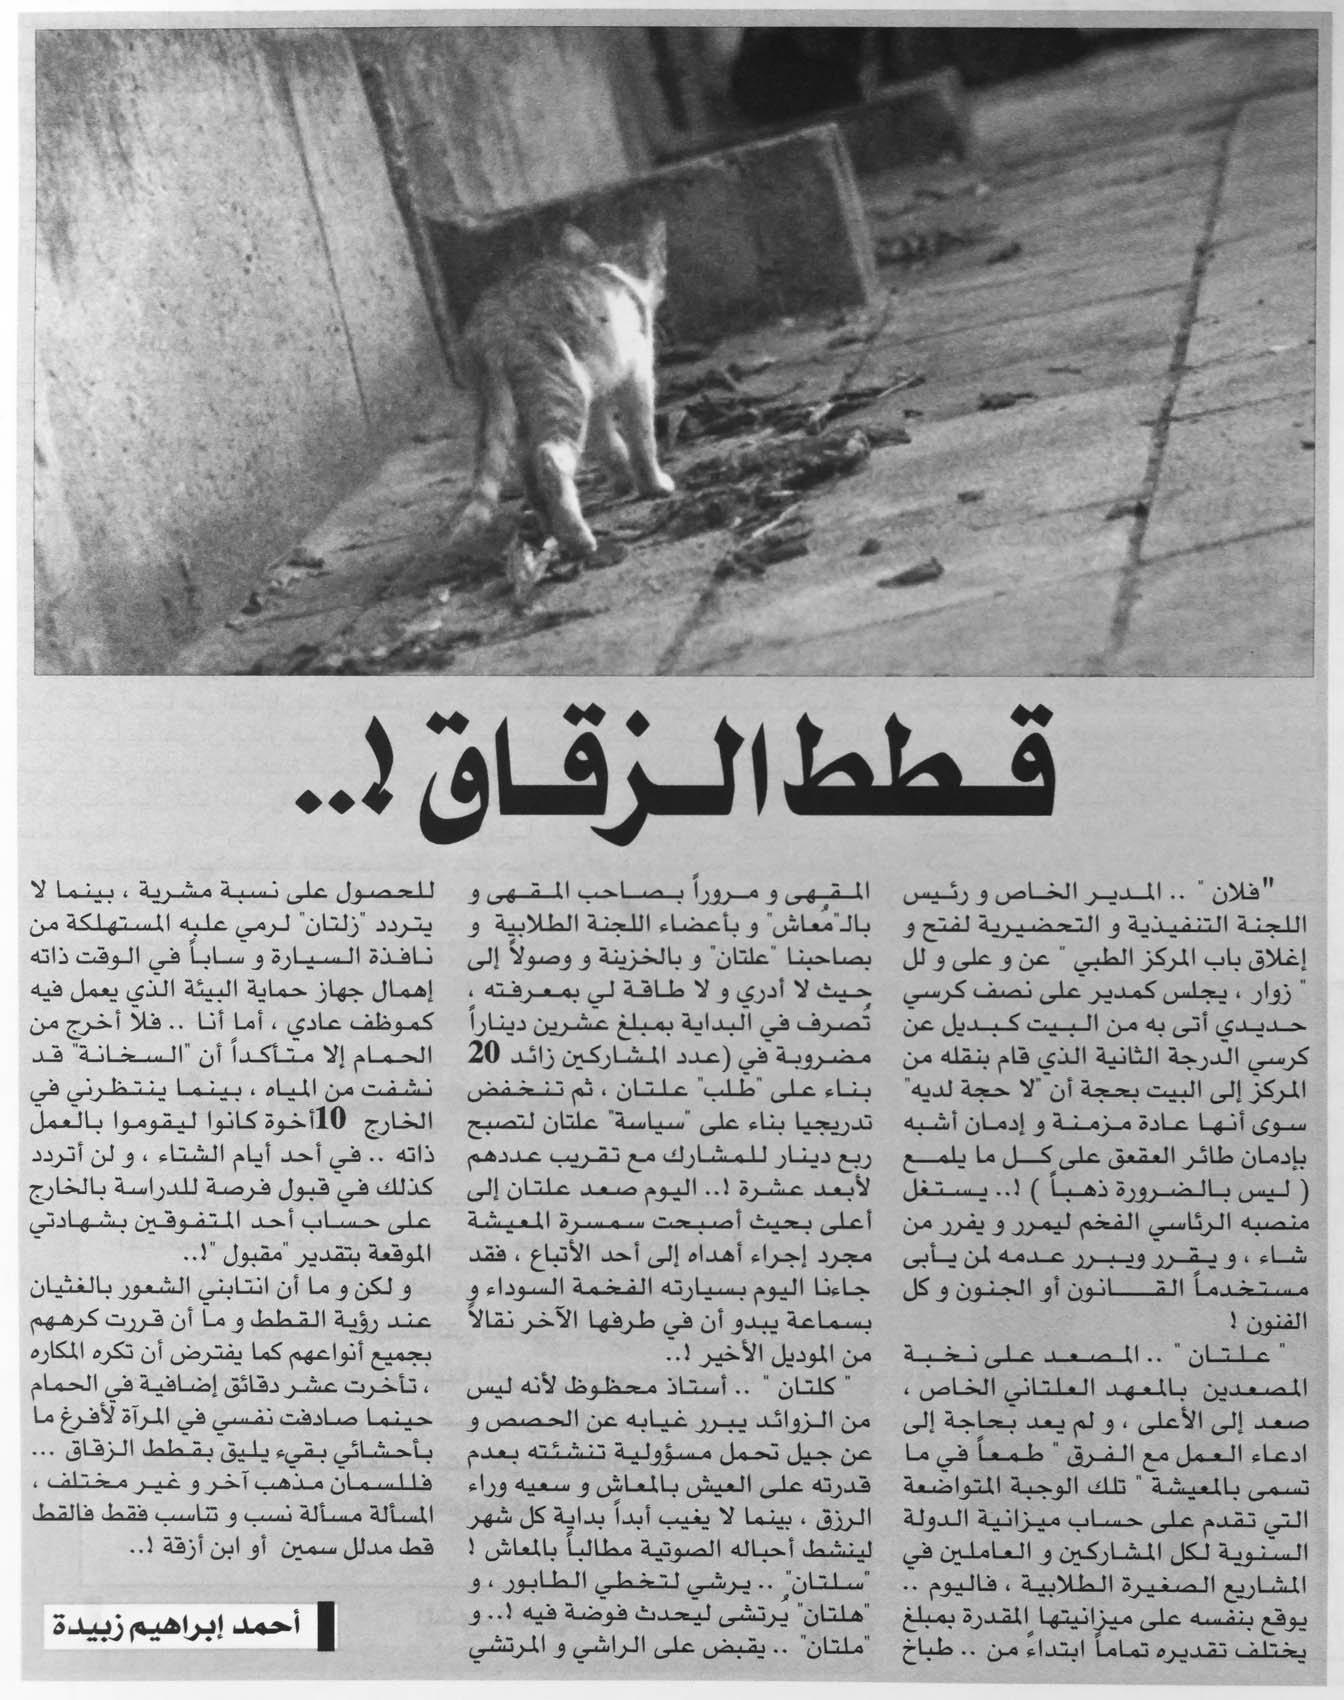 قطط الزقاق، صحيفة أويا، أغسطس 2008